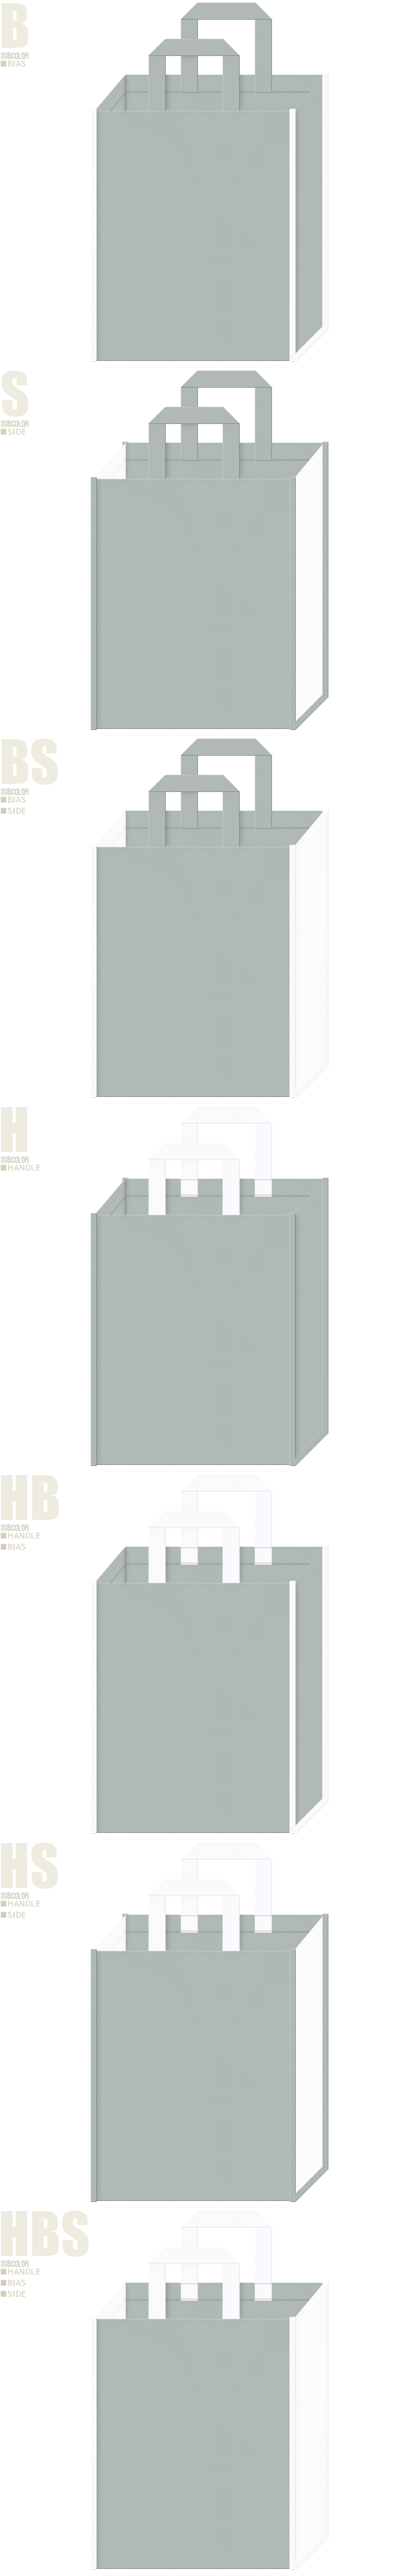 夏物・アウター・パーカー・レギンス・スニーカー・白黒写真・モノトーン・製図・設計・什器・事務服・事務用品・ロボット・アルミサッシ・金属・コンクリート・建築イベント・業務用冷蔵庫・クーラー・カー用品の展示会用バッグにお奨めの不織布バッグデザイン:グレー色と白色の配色7パターン